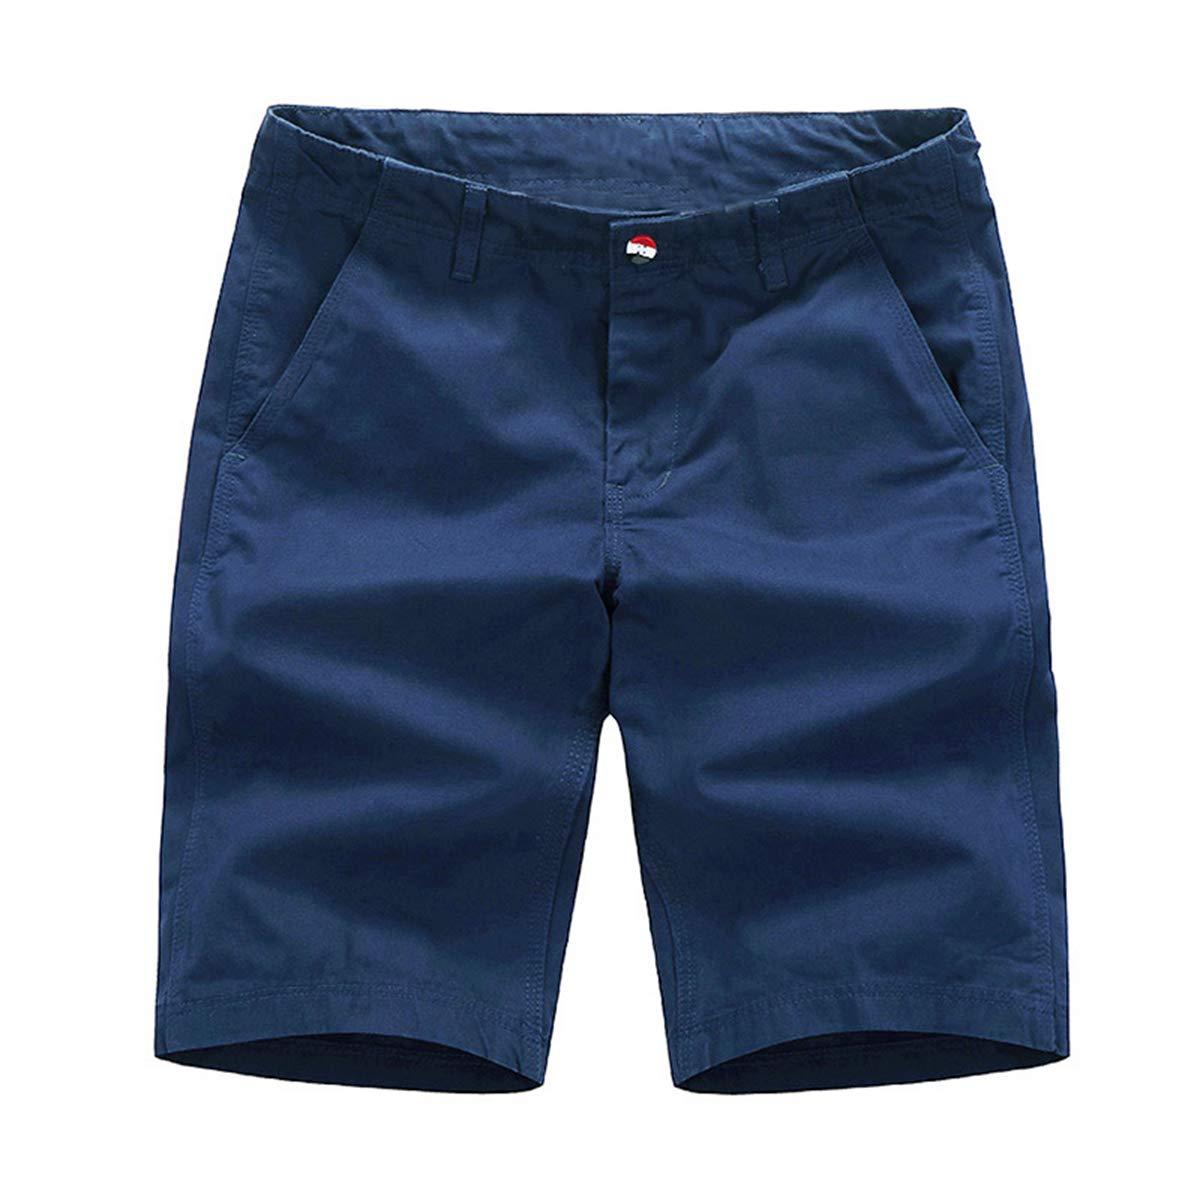 TALLA 30. INCERUN - Pantalón Corto - para Hombre